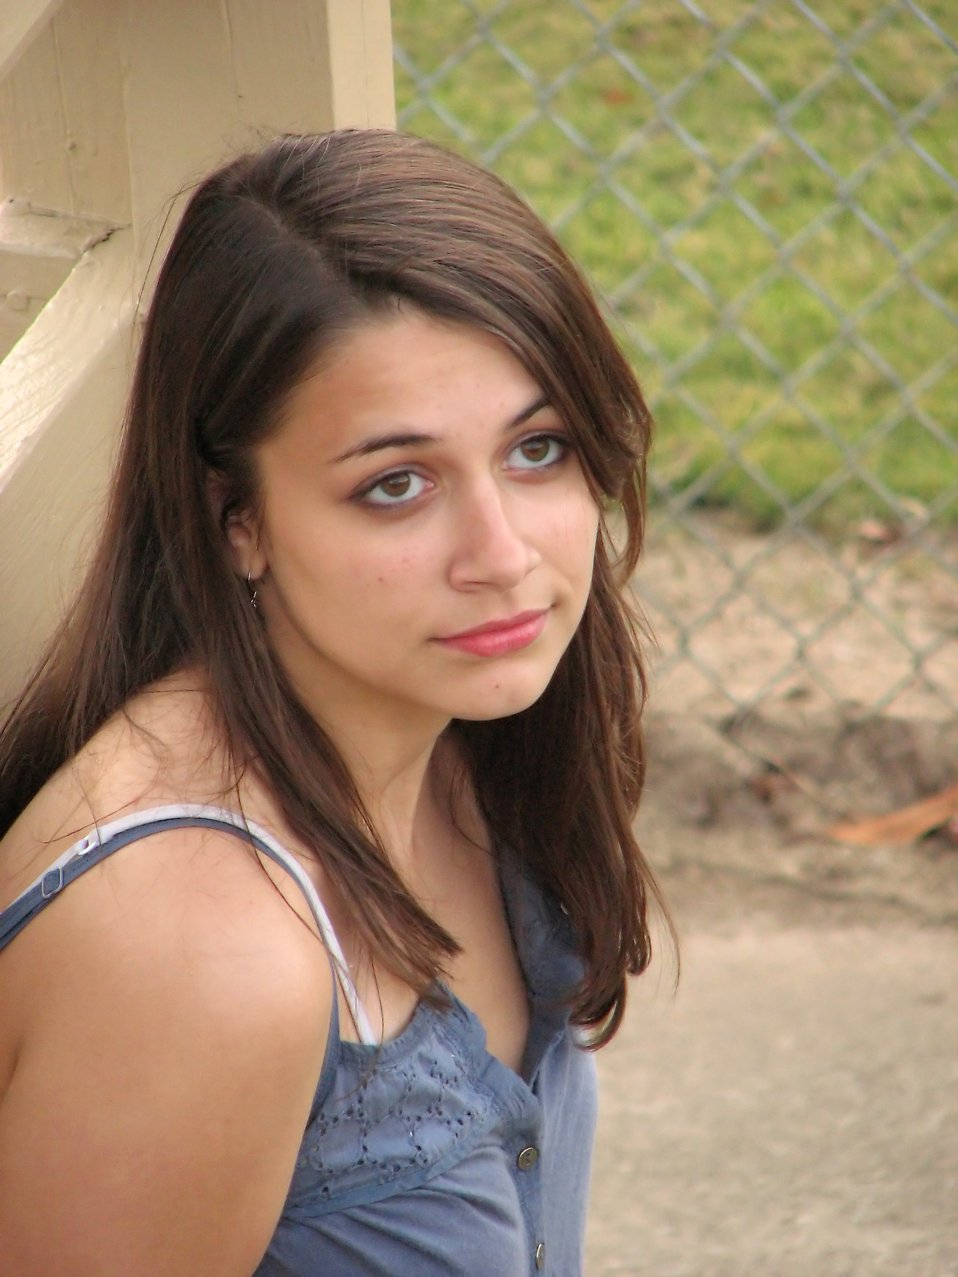 Girl Beautiful | Free Stock Photo | Beautiful teen girl ... on Beautiful Teen Girl  id=69765